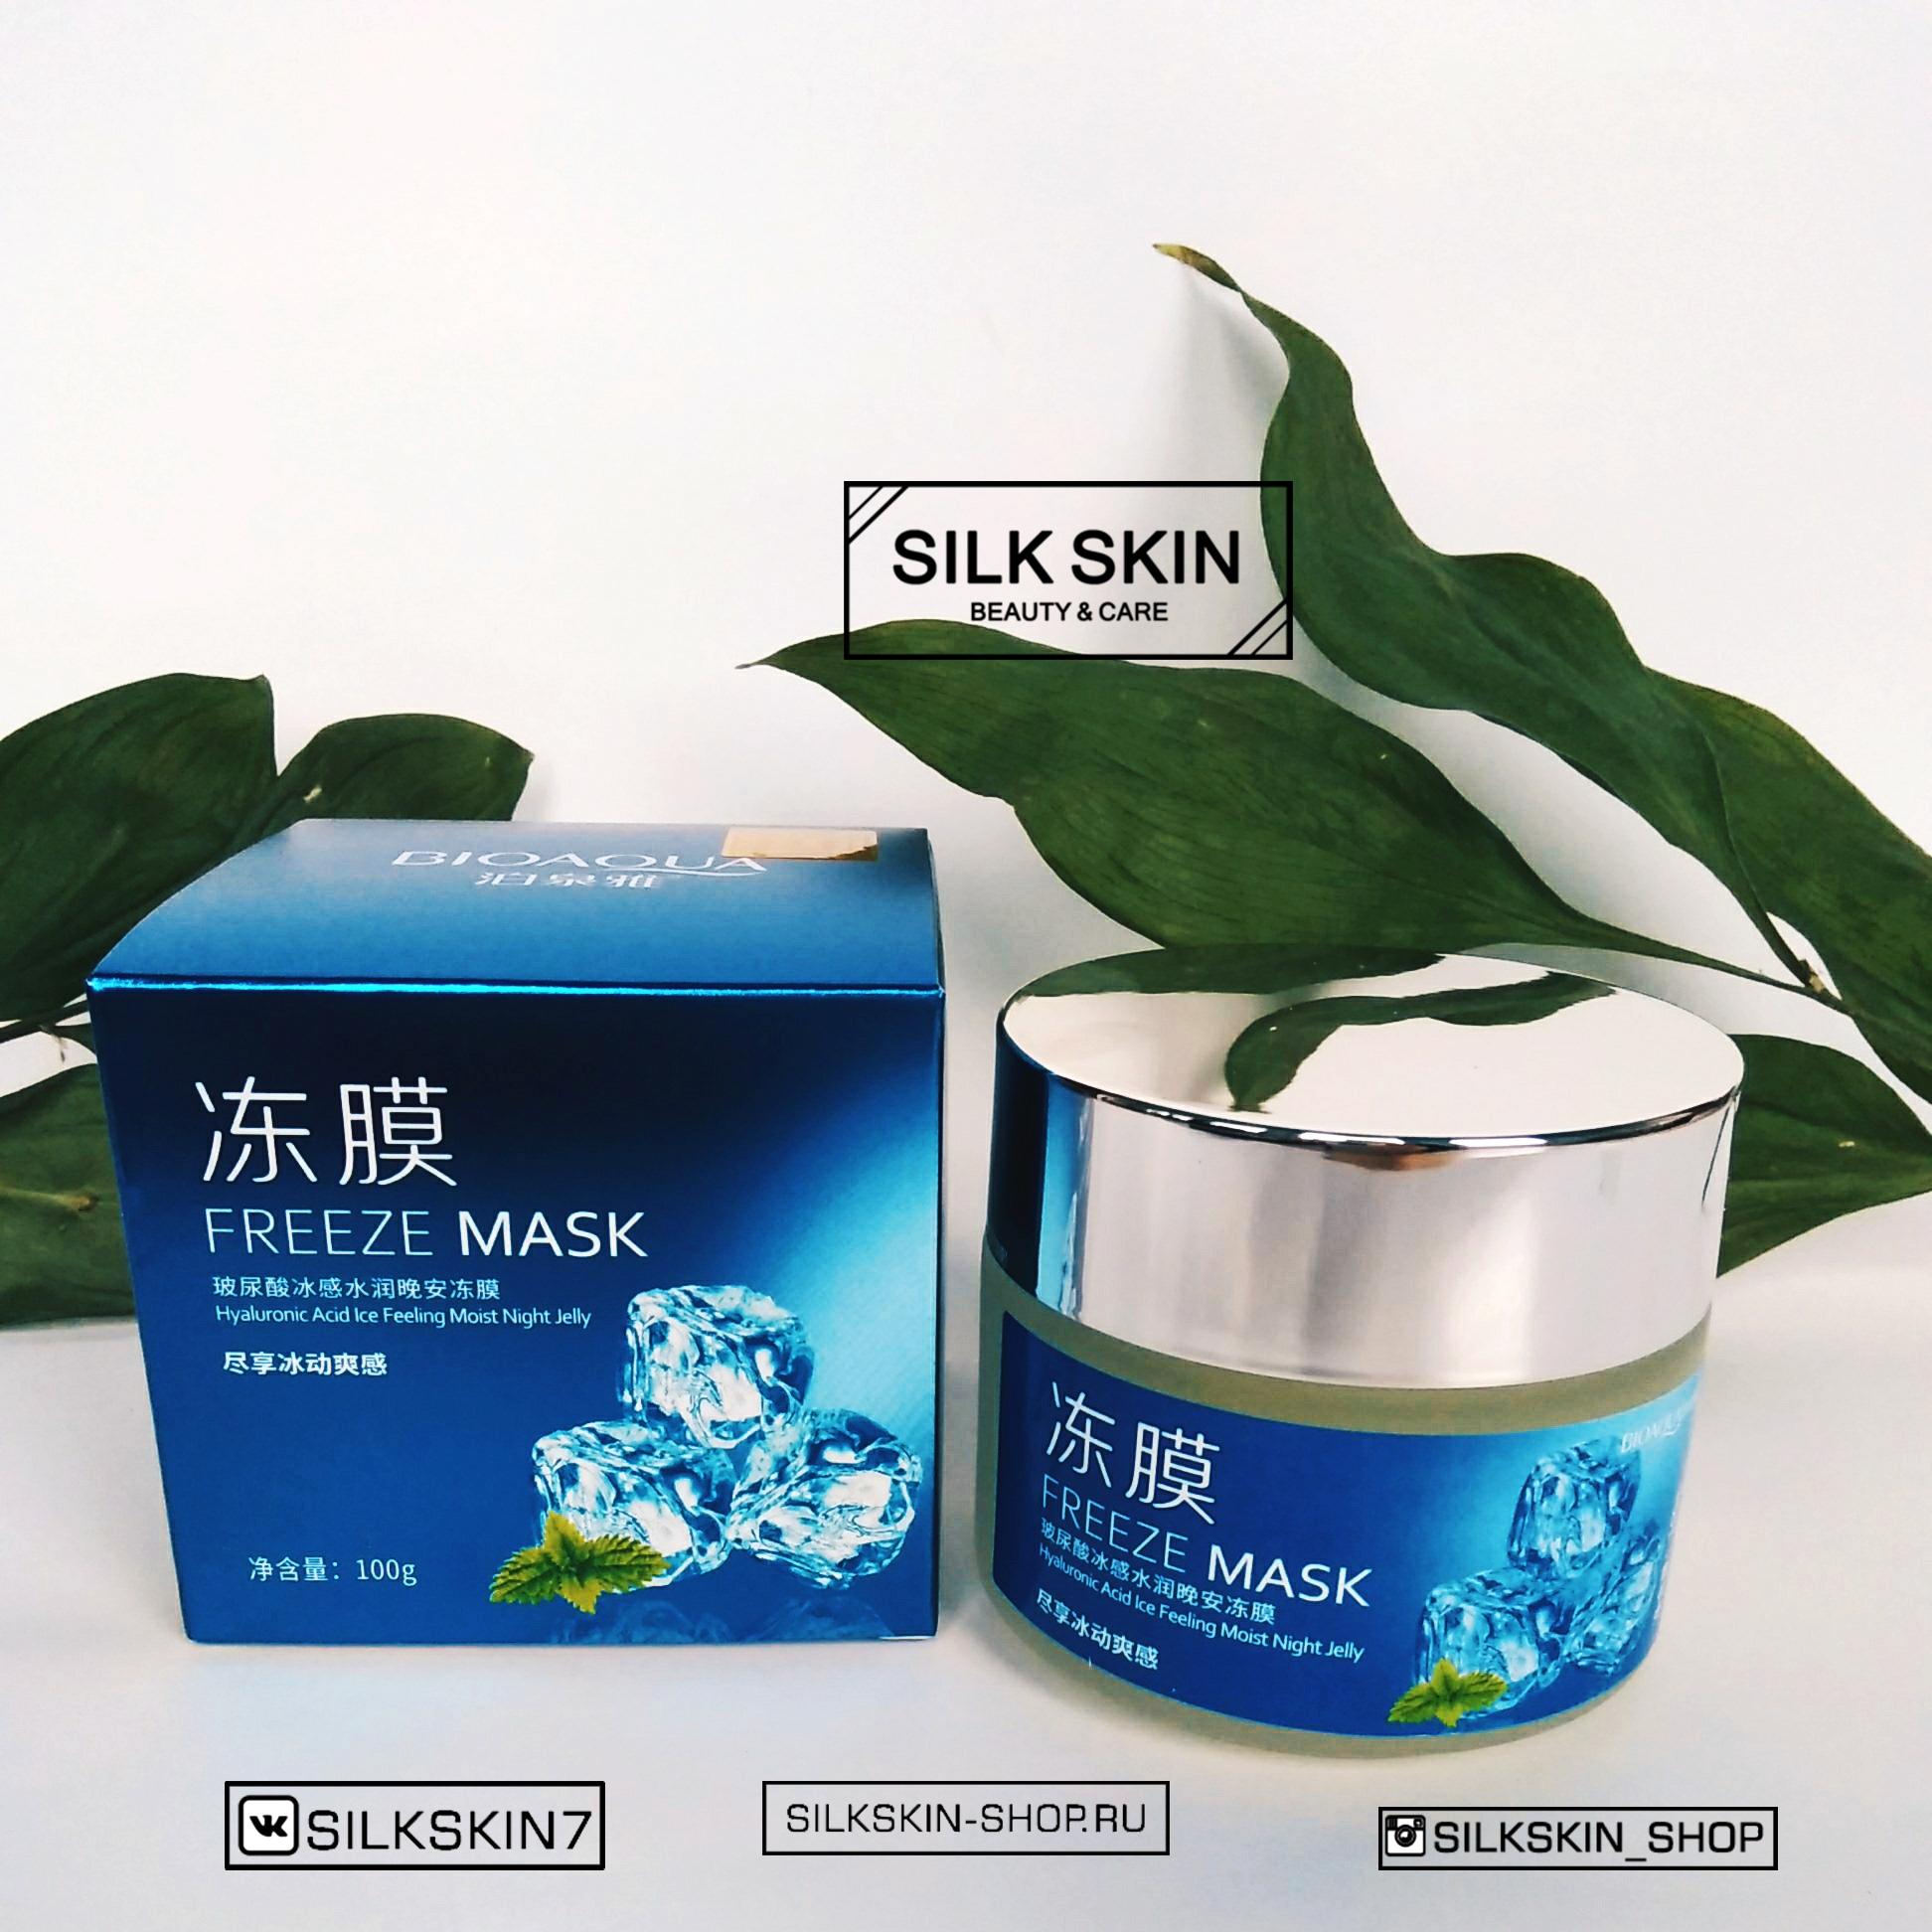 Корейские патчи для лица купить в Севастополе - Интернет магазин Silk Skin